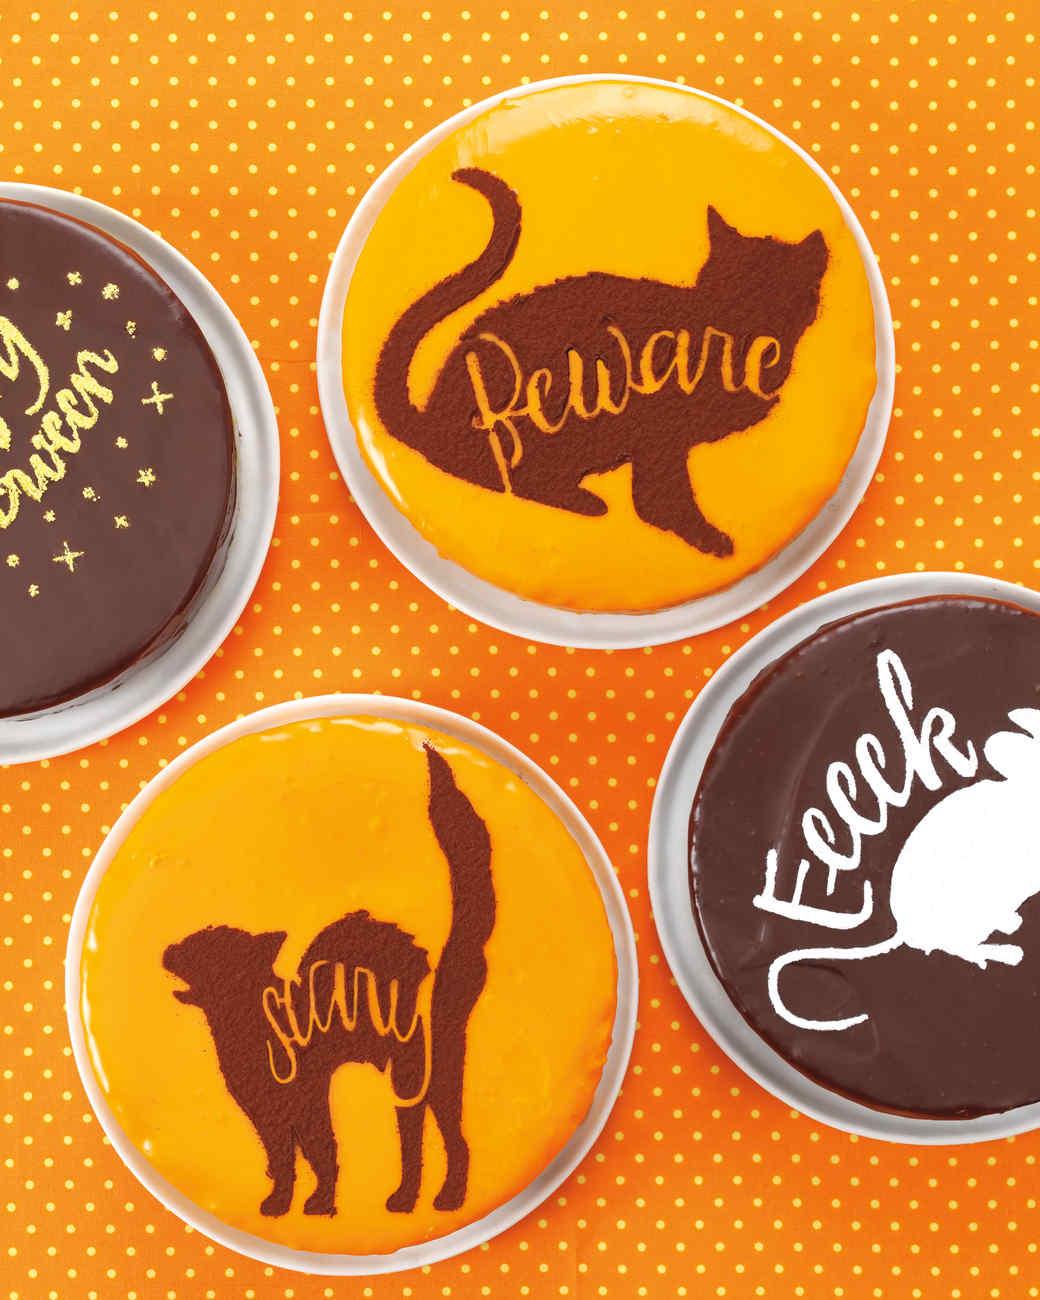 mscrafts-hlwn-cake-stencils.jpg